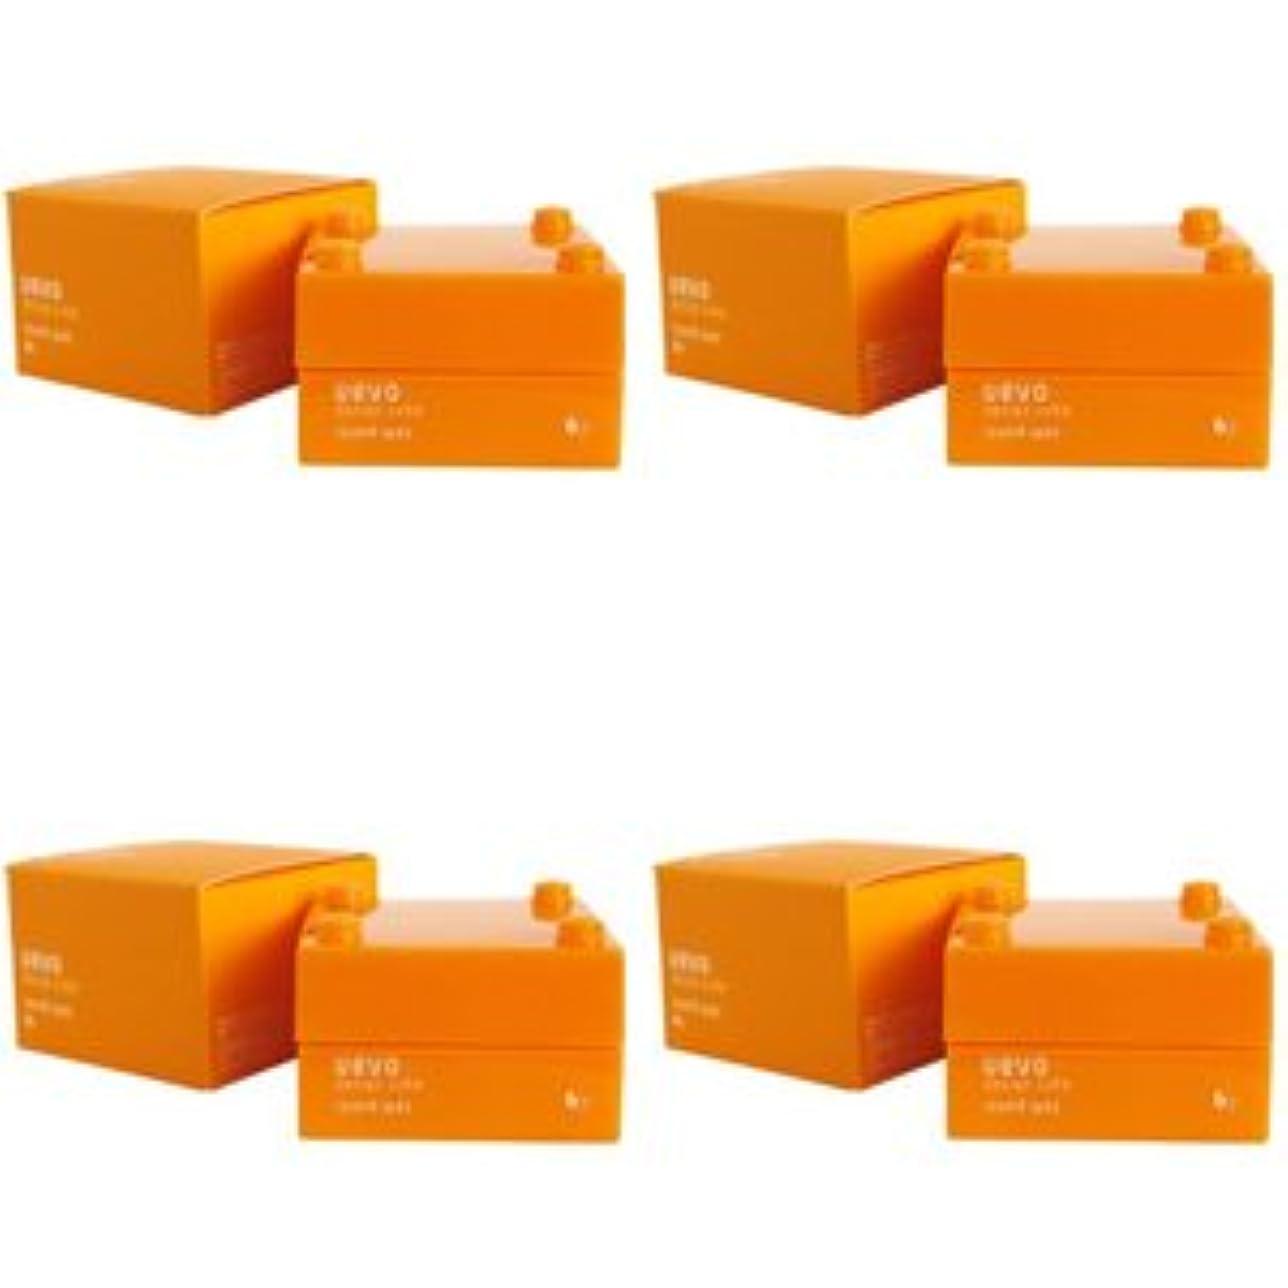 欠員スーダンチップ【X4個セット】 デミ ウェーボ デザインキューブ ラウンドワックス 30g round wax DEMI uevo design cube